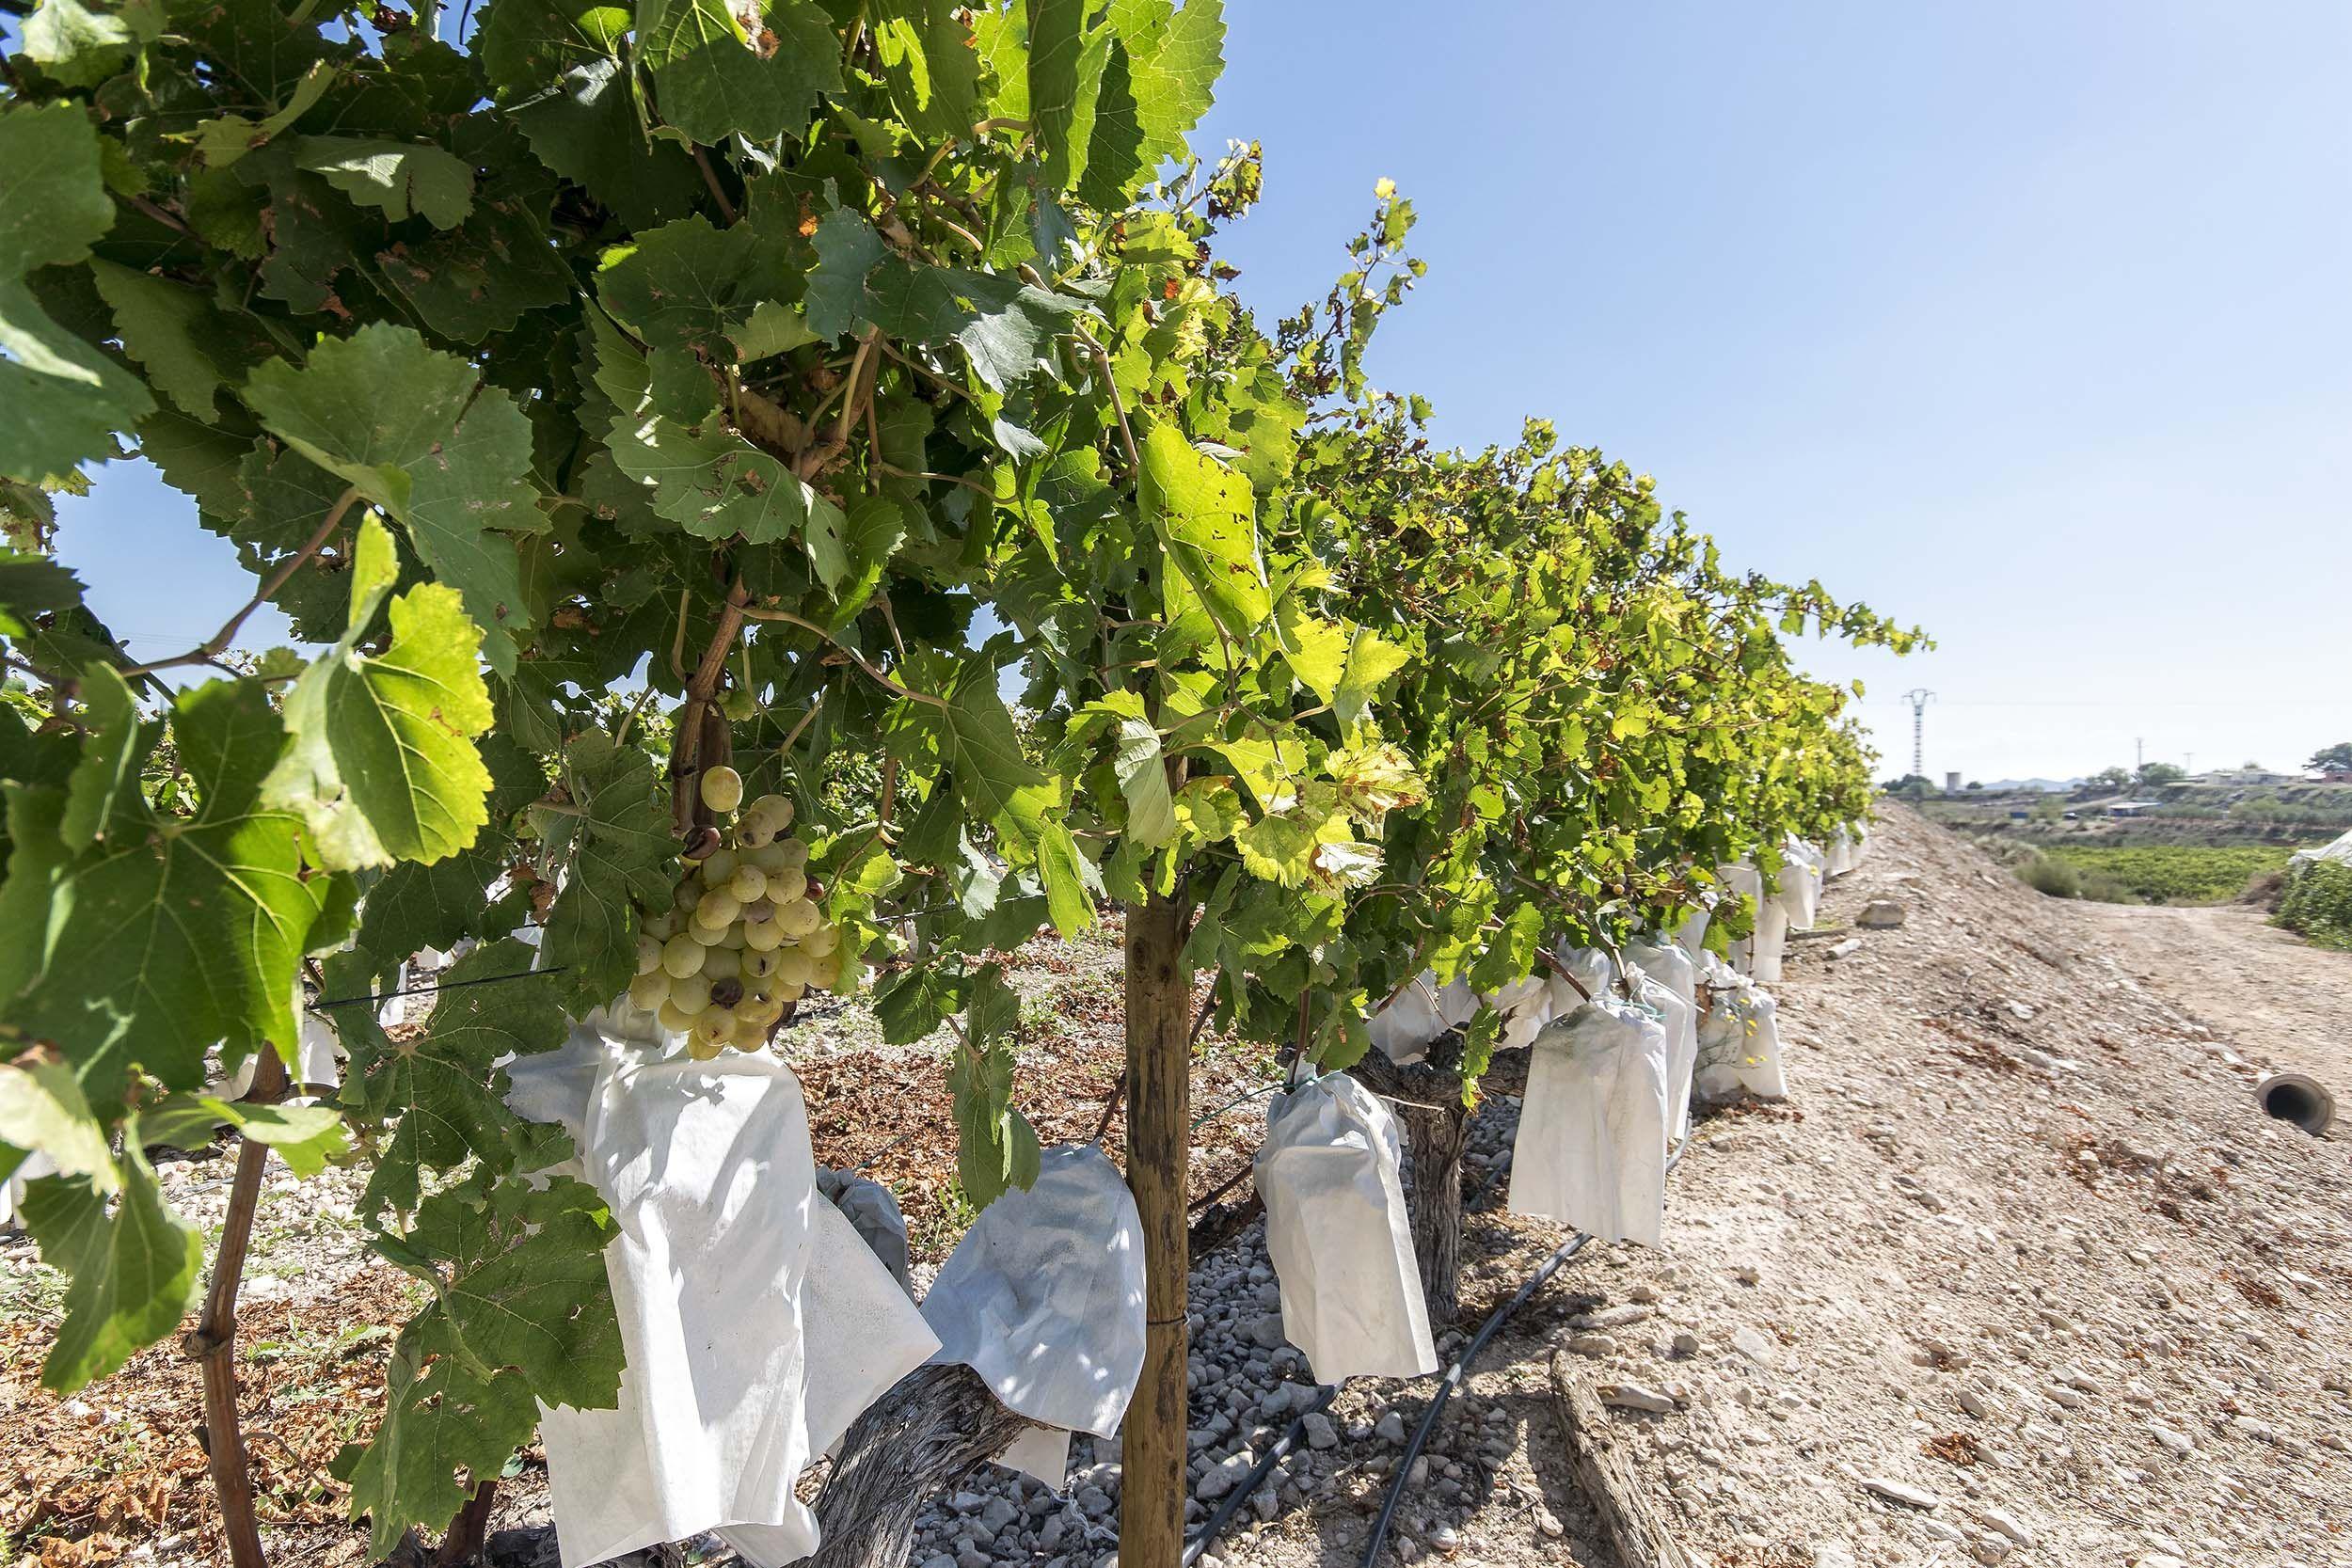 Trabajos agrícolas en Alicante